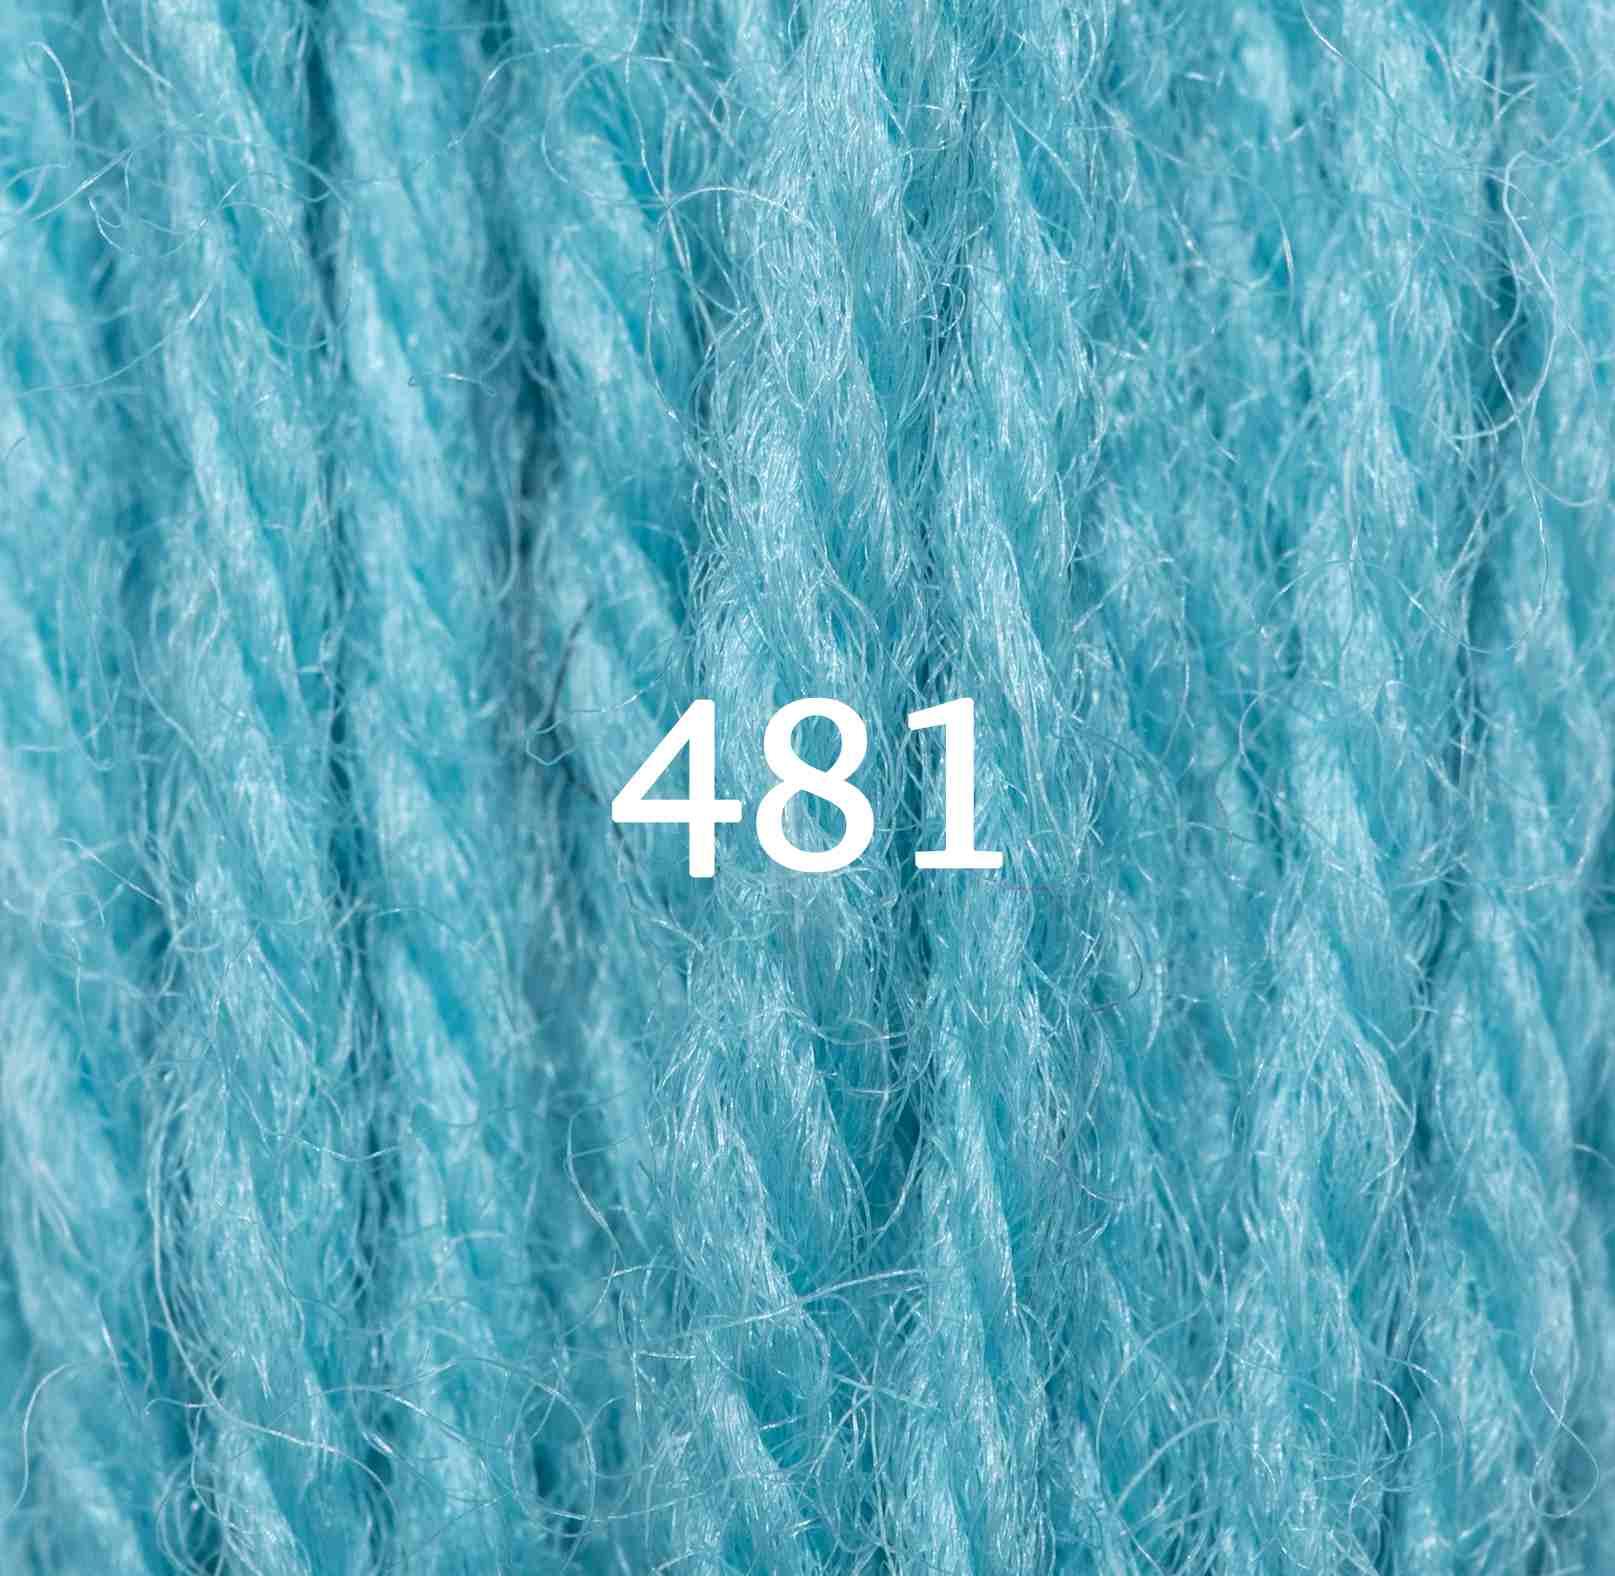 Kingfisher-481